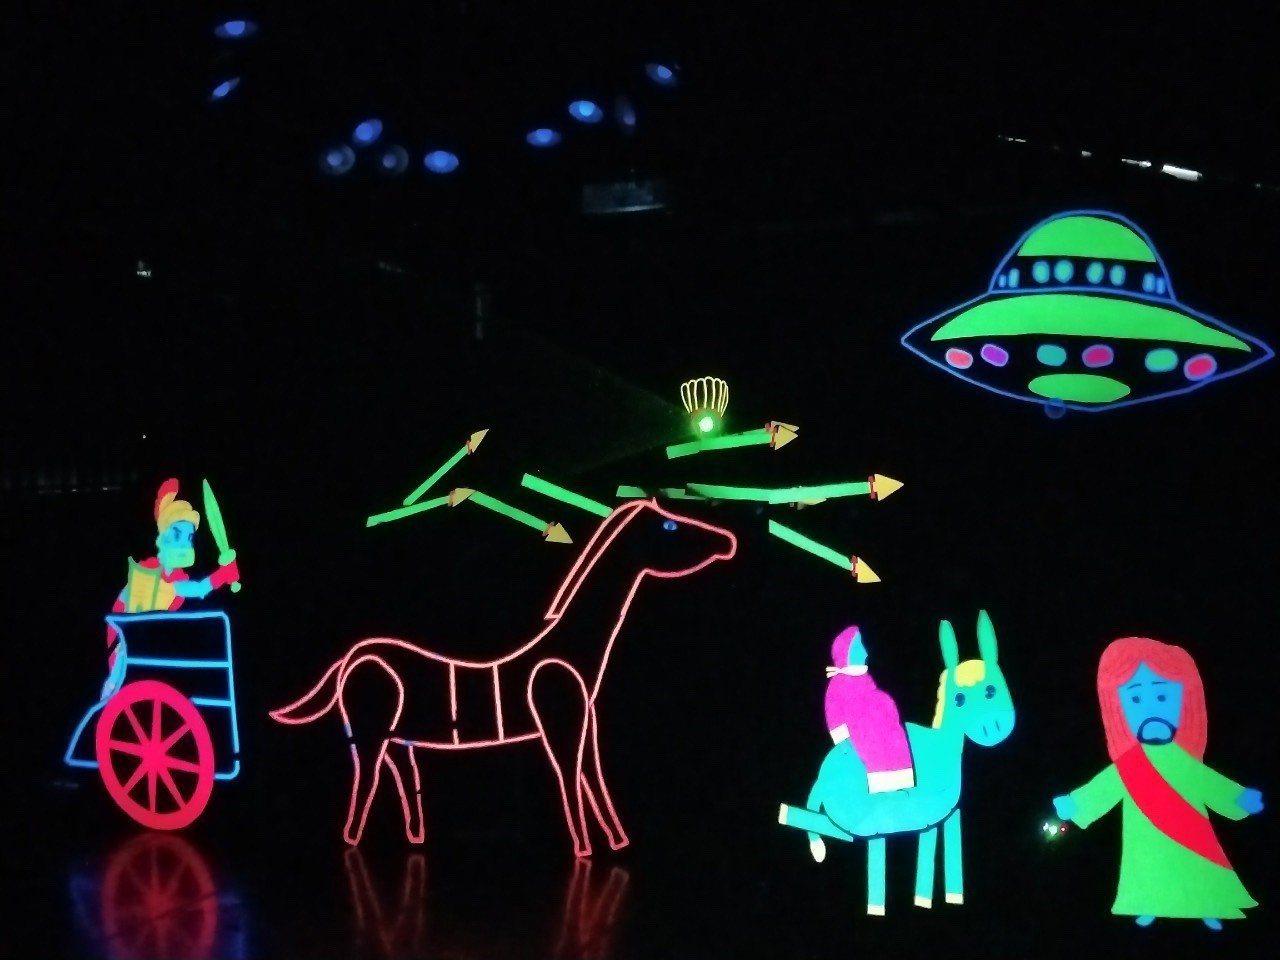 幼保科「叩叩叩禮物來了」,全程搭配雷射光、LED 燈以及震撼人心的背景音樂。圖/...